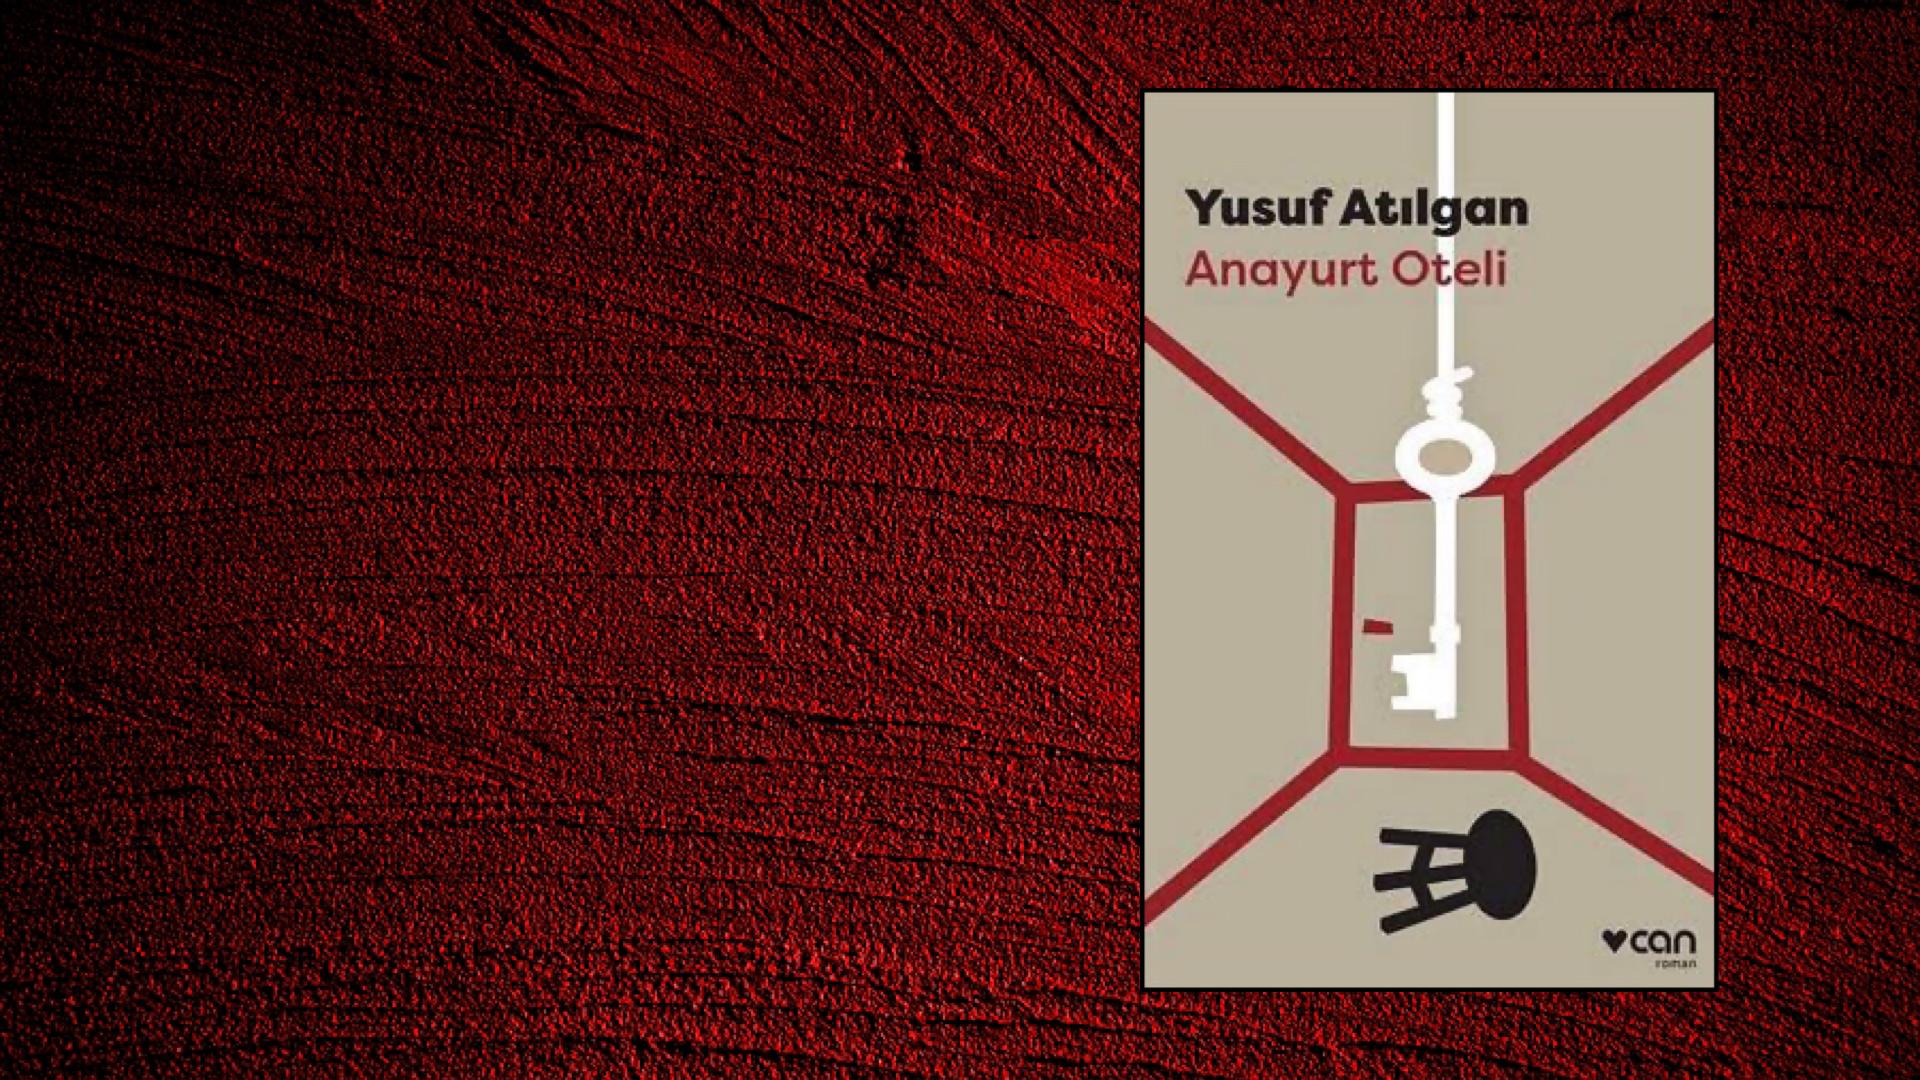 Kitap: Anayurt Oteli | Yazar: Yusuf Atılgan | Yorumlayan: Kübra Mısırlı Keskin